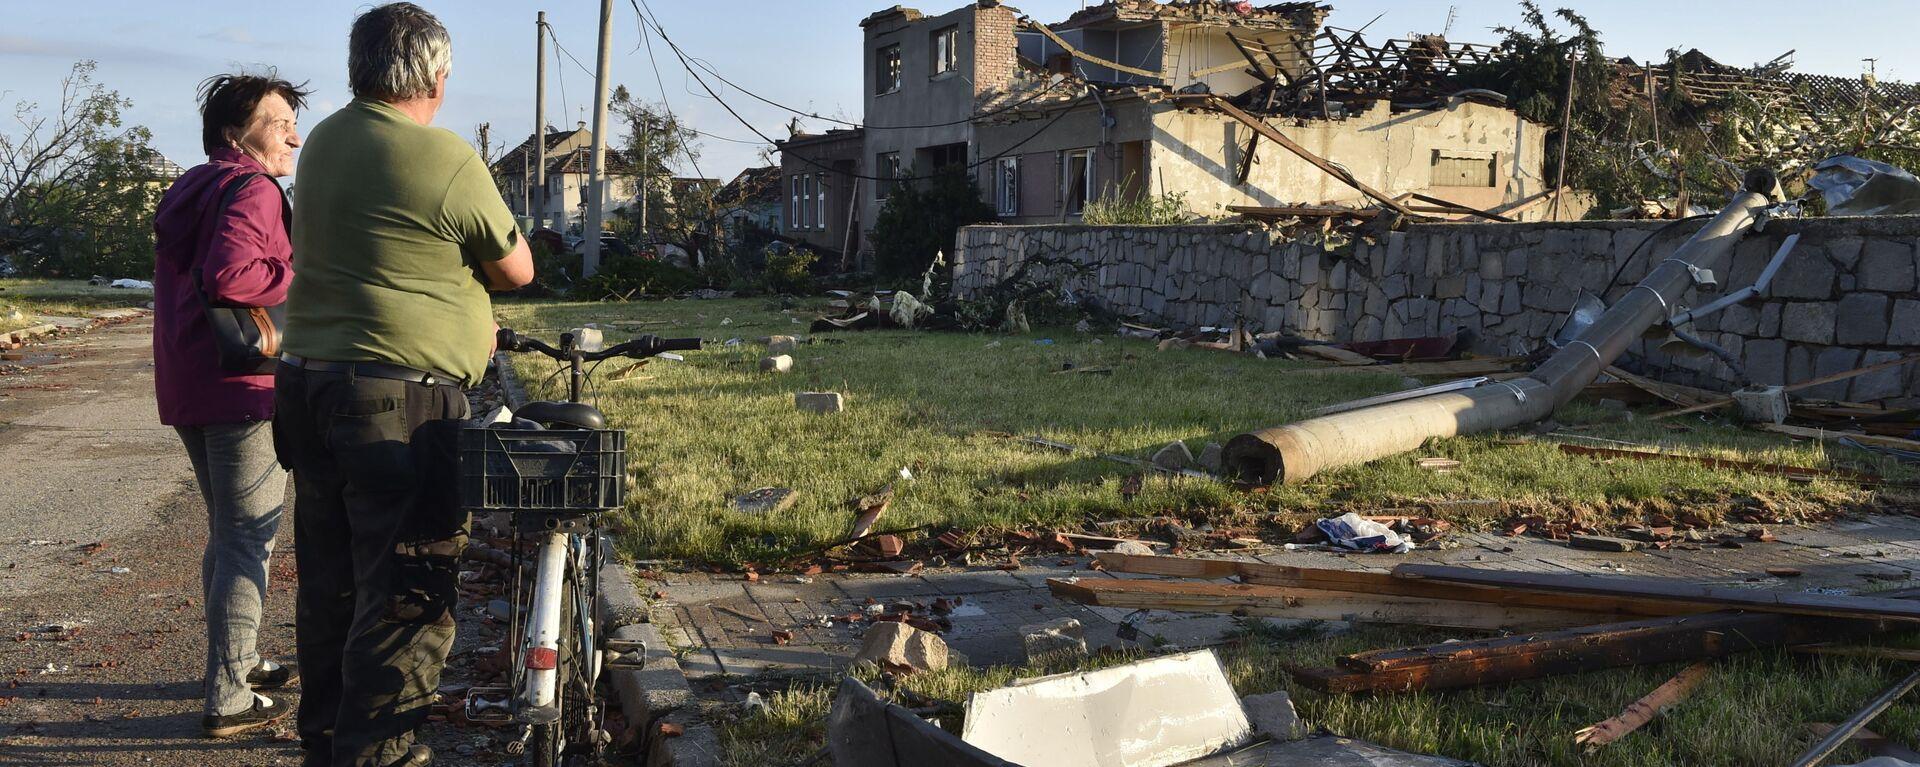 Místní obyvatelé sledují poškozené domy poté, co tornádo zasáhlo vesnici Moravská Nová Ves na jižní Moravě - Sputnik Česká republika, 1920, 06.07.2021